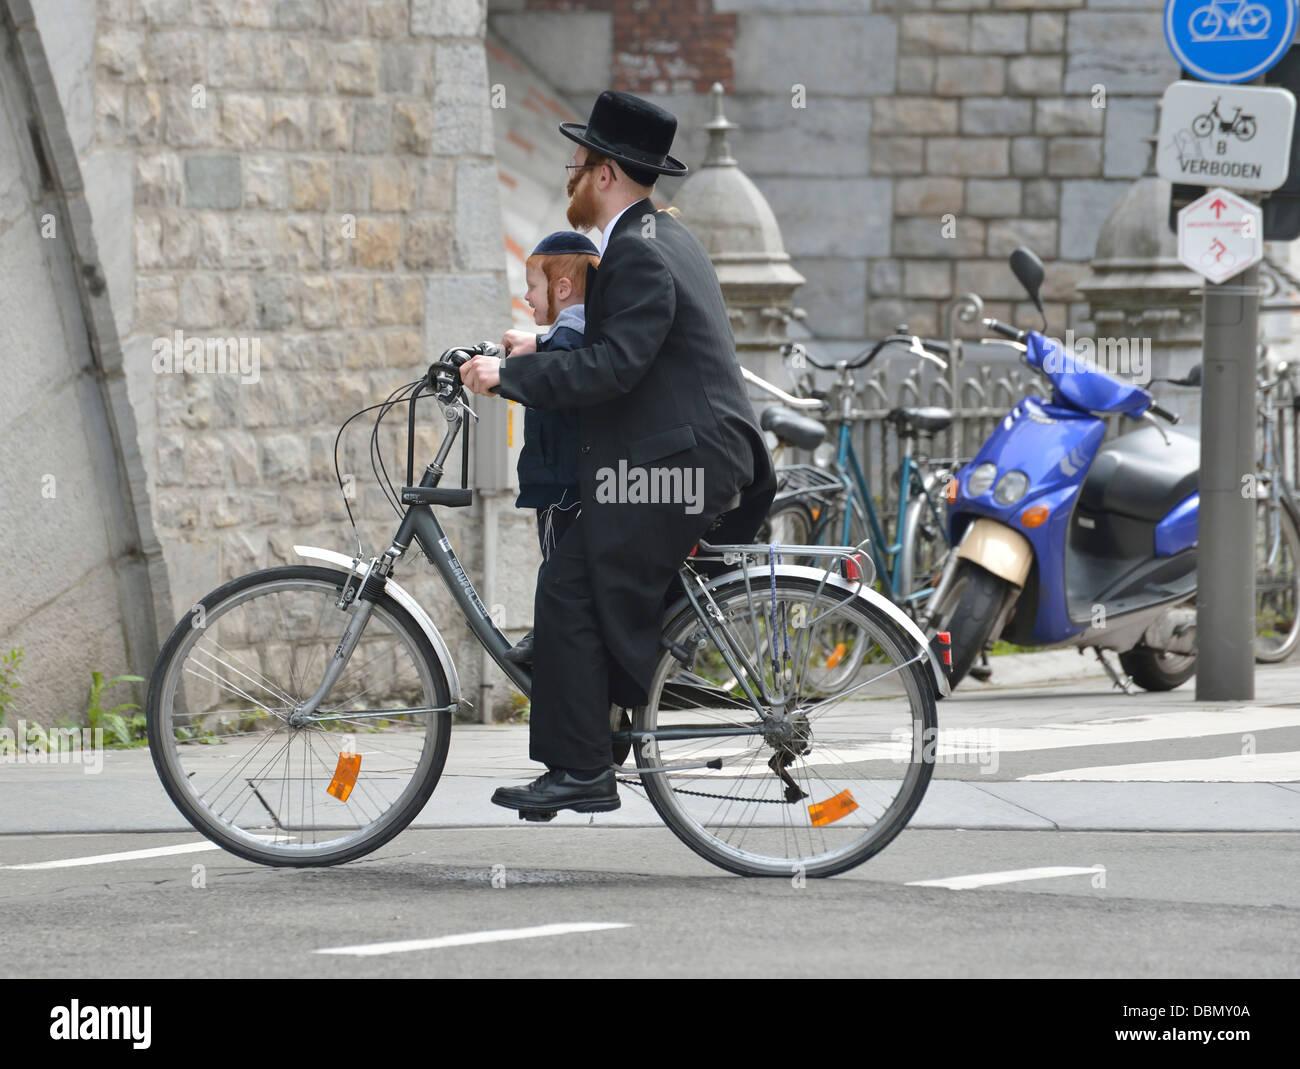 Orthodox Jew in Antwerp diamond district, Belgium - Stock Image